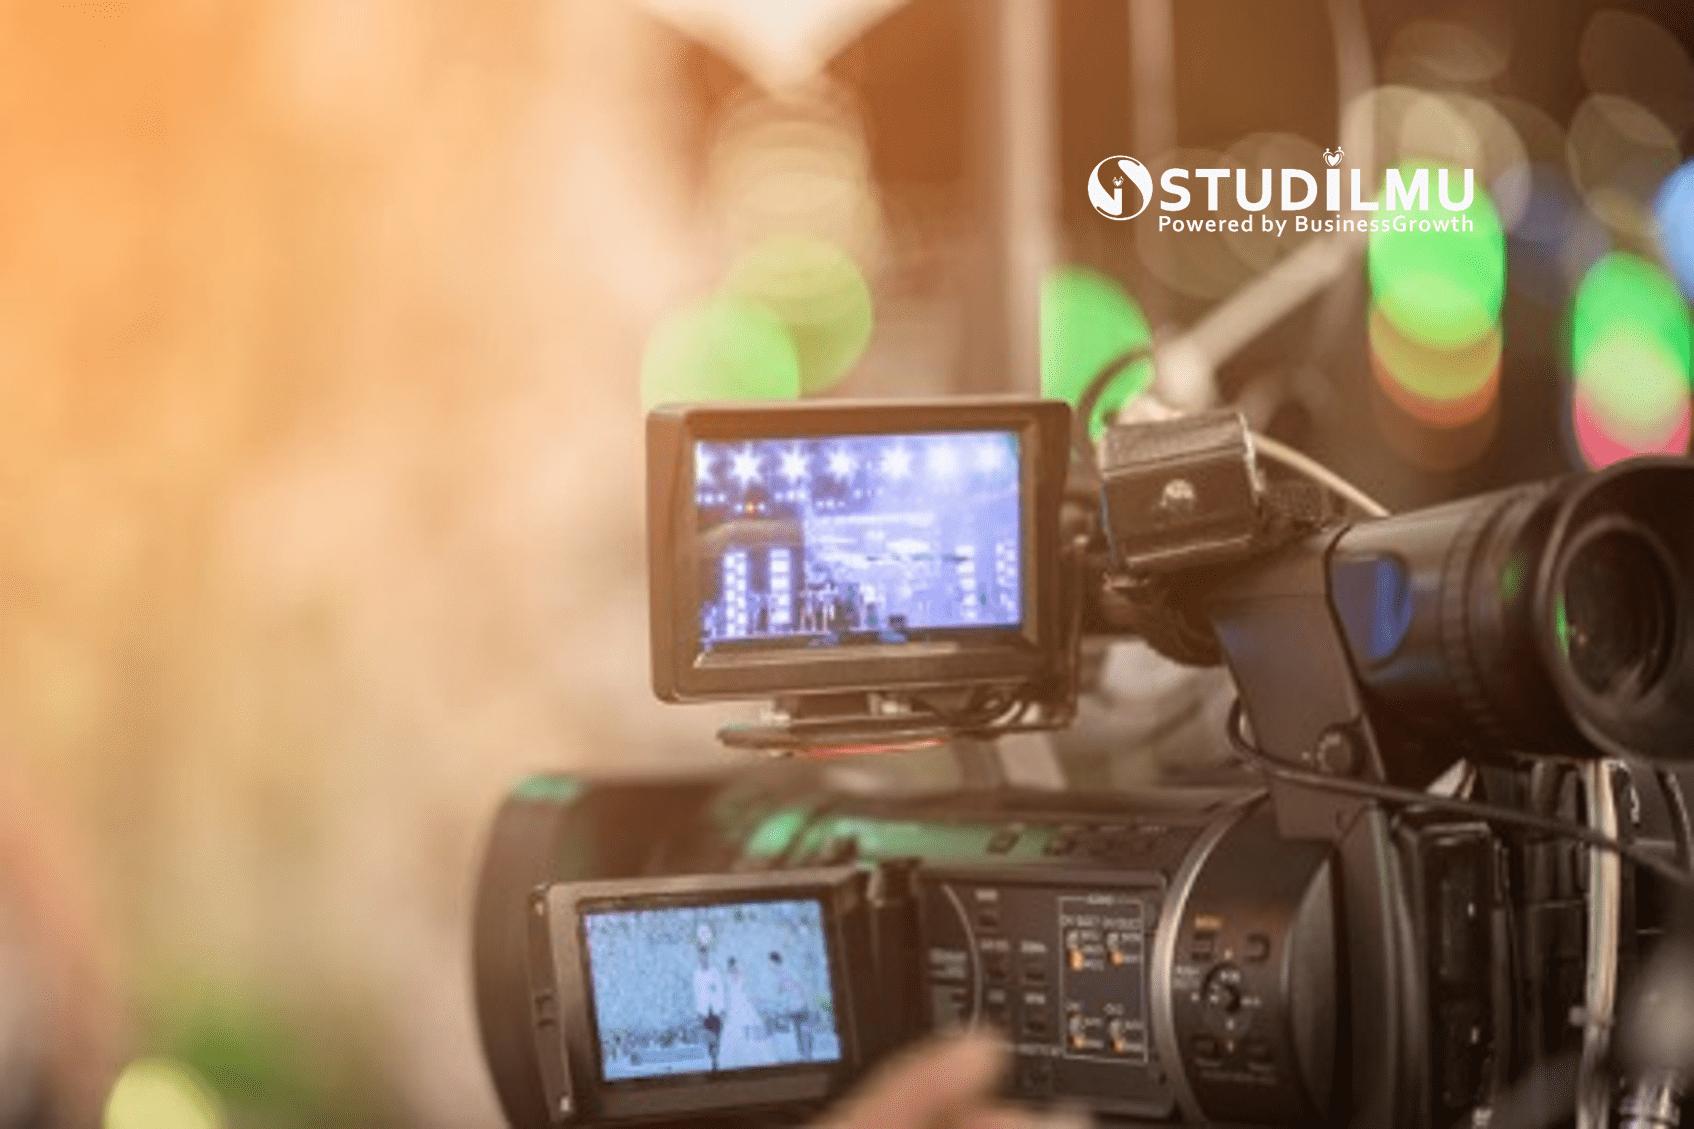 STUDILMU Career Advice - 3 Langkah Membuat Konten Video di Media Sosial yang Keren